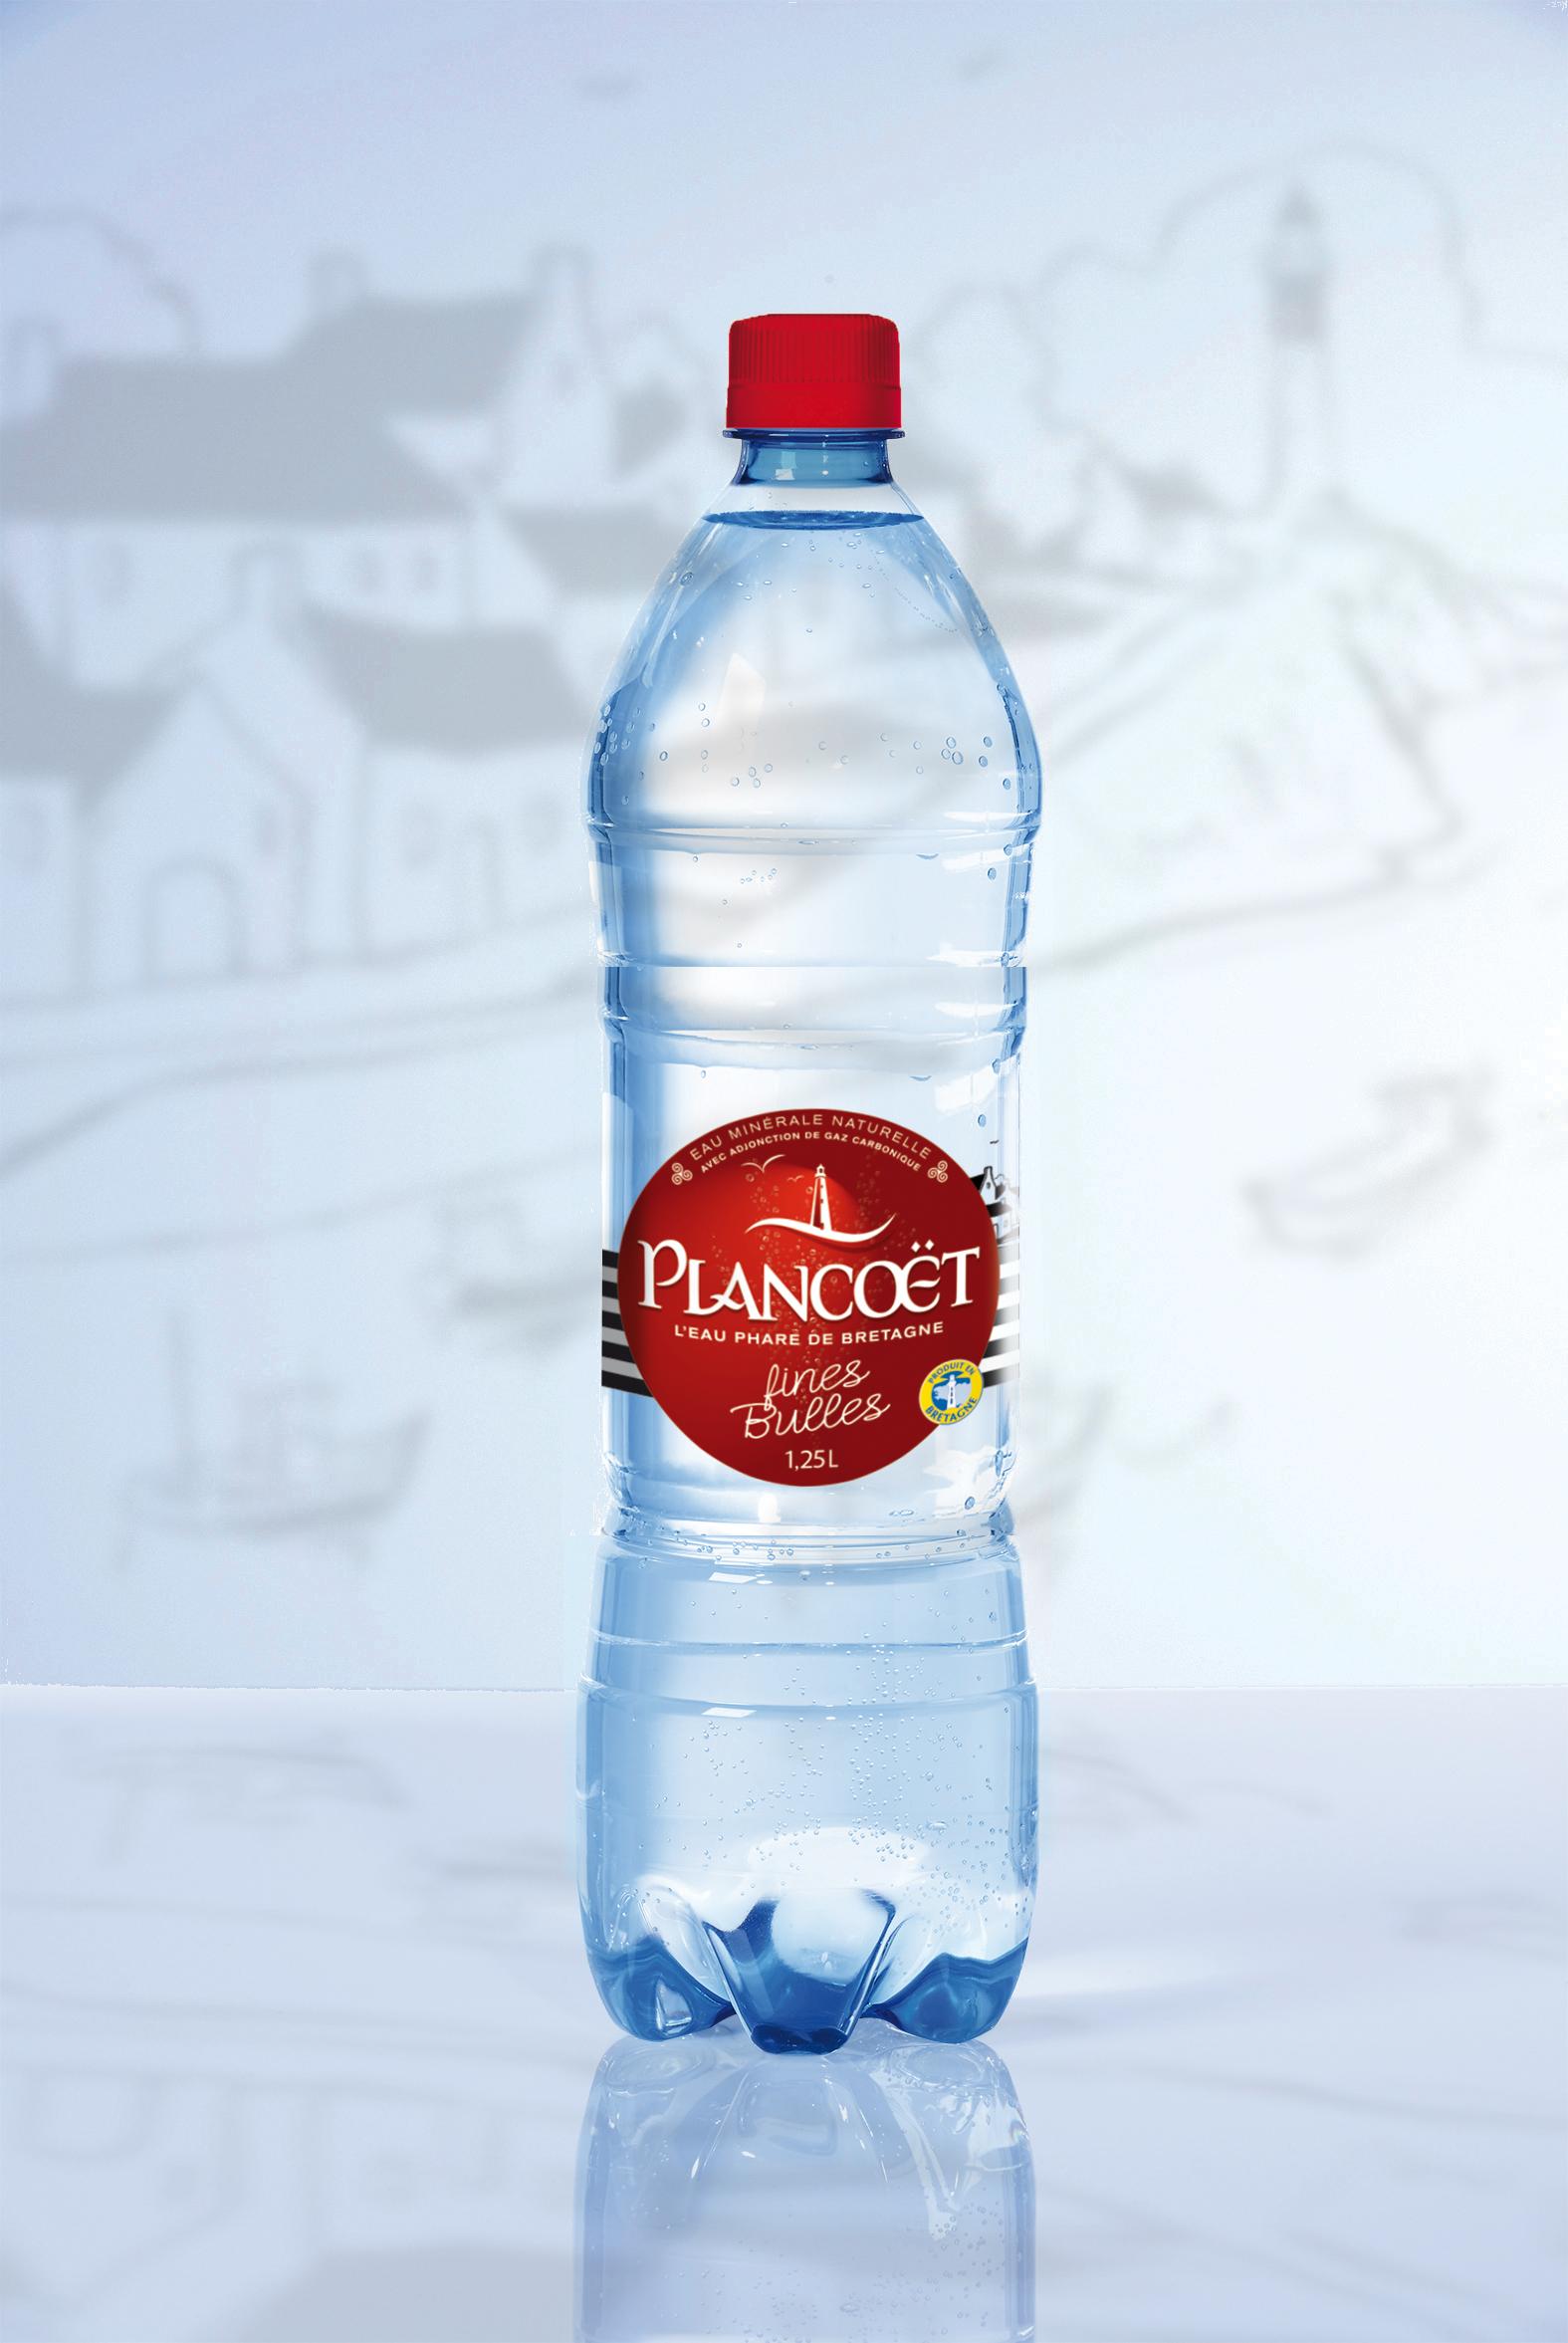 Plancoet bouteille